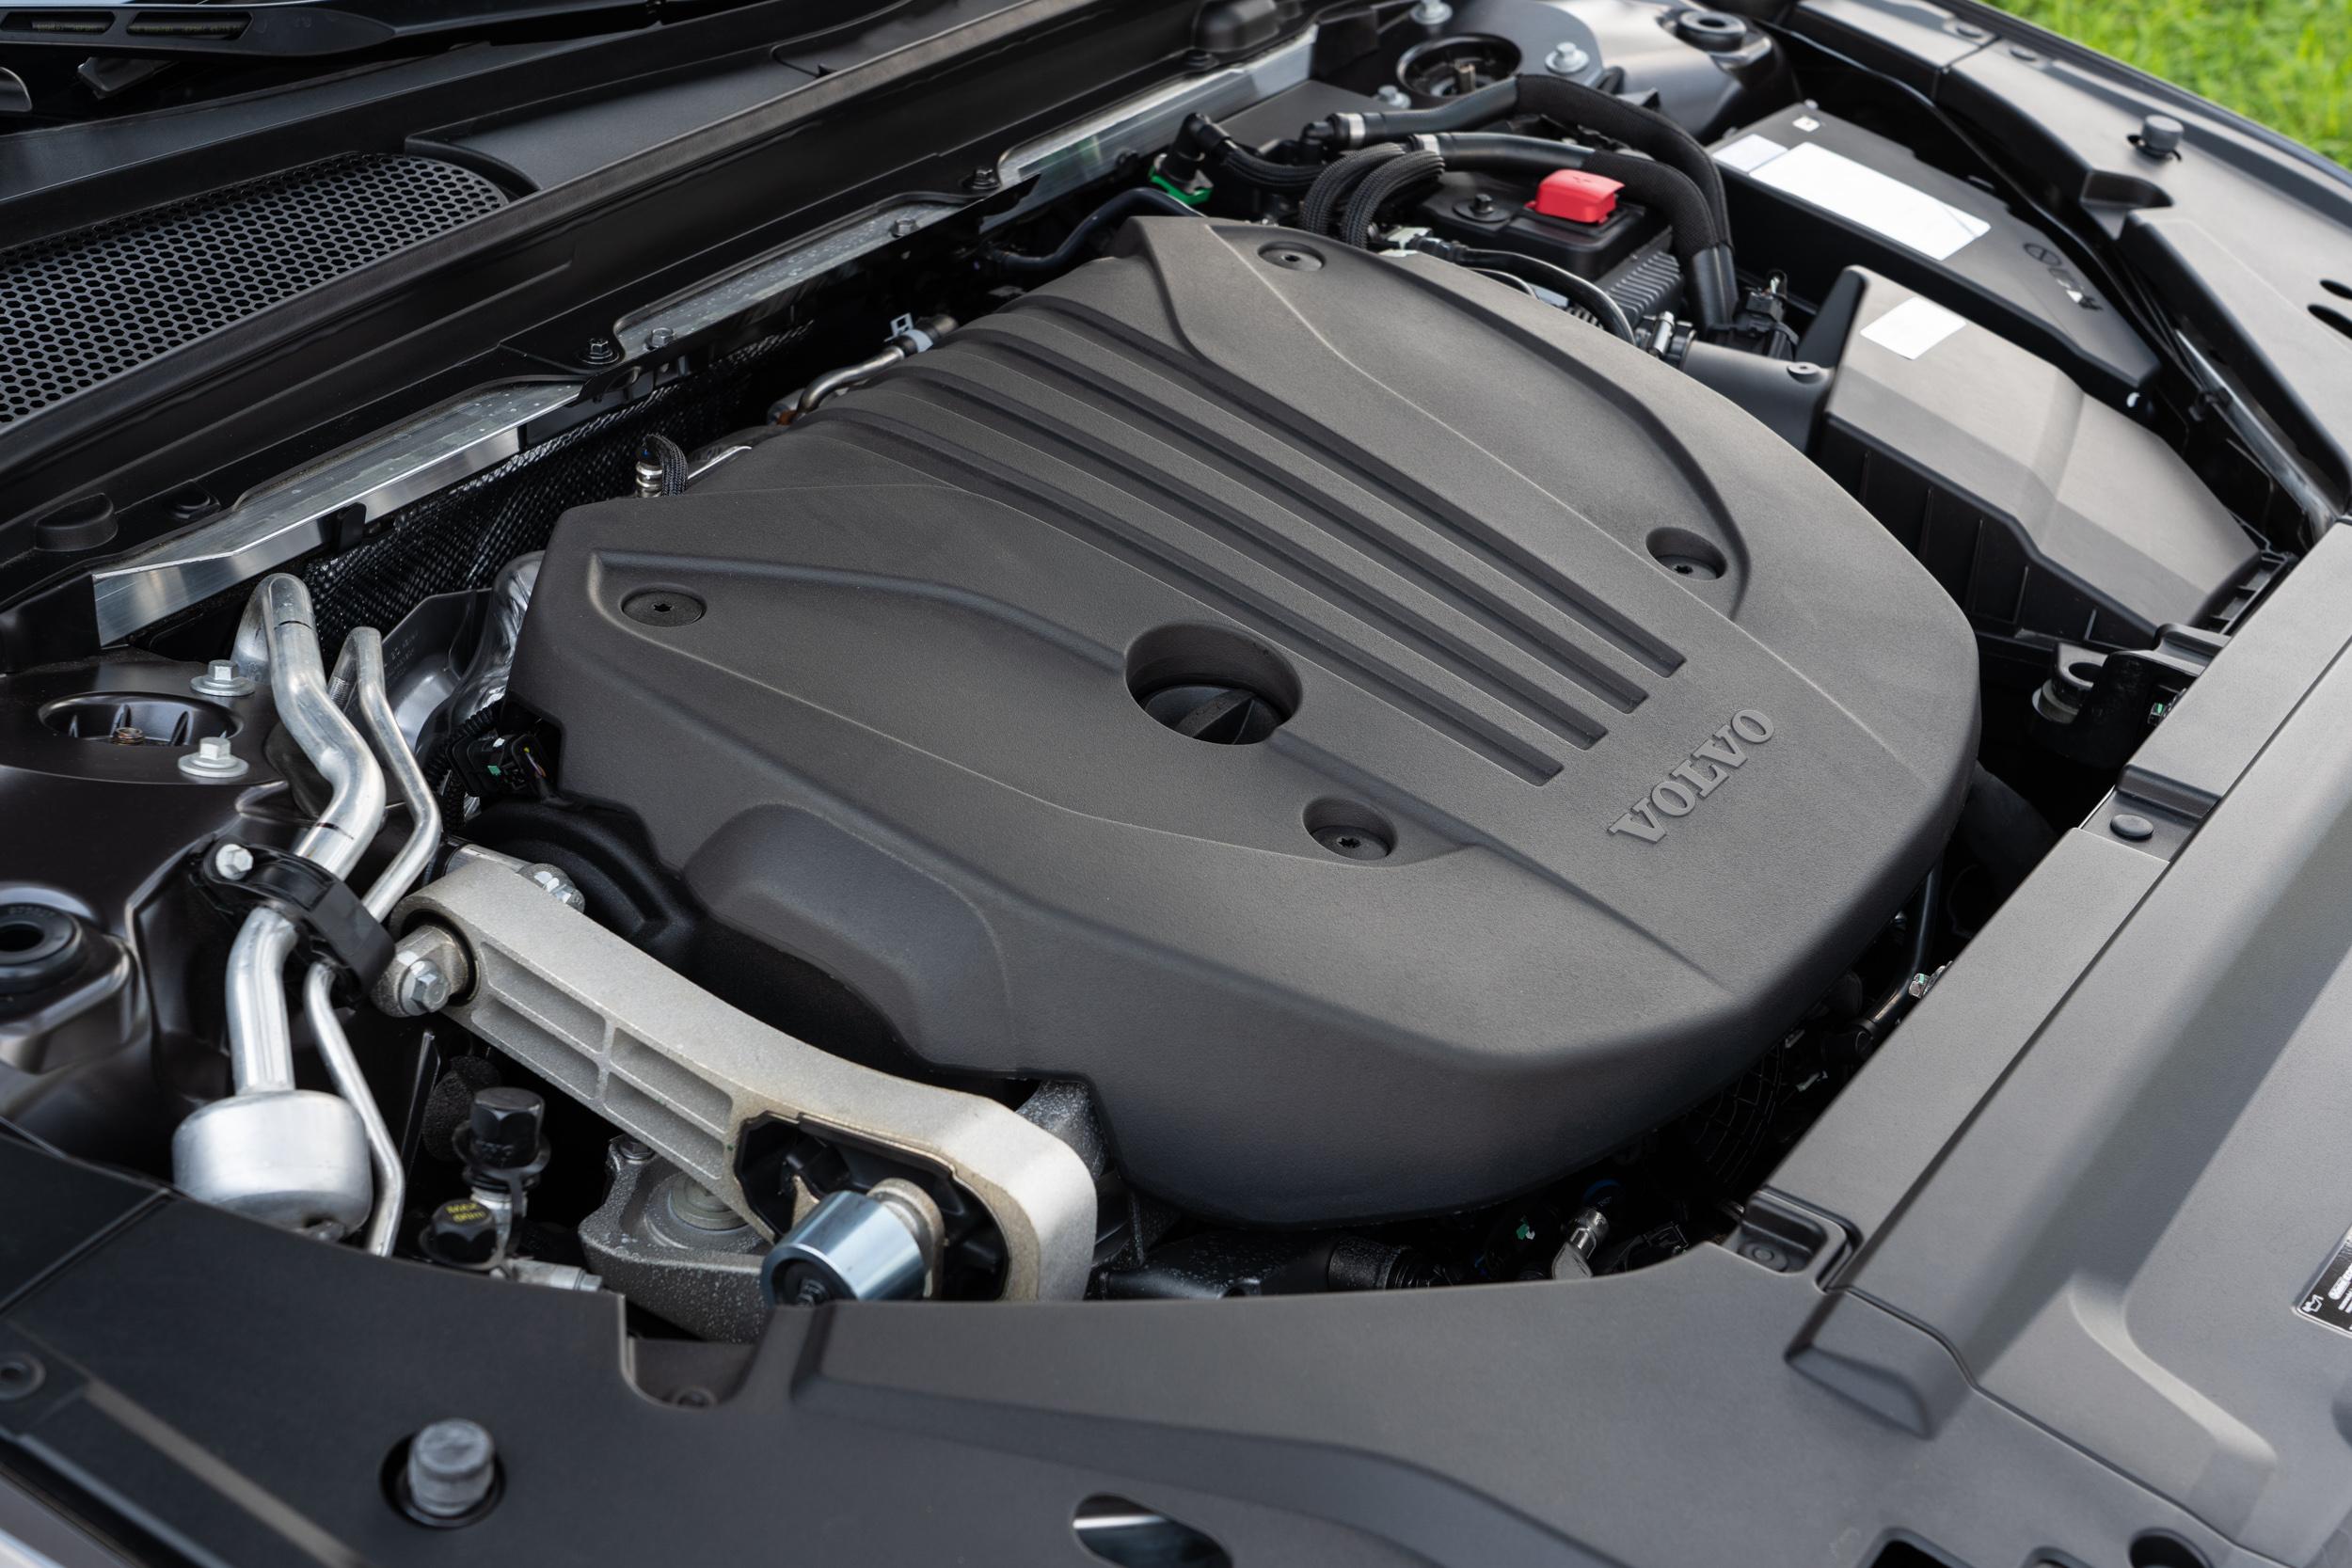 搭載第三代 Drive-E 動力系統,具備 48V輕油電科技,除了 197hp / 4800~5400rpm 最大馬力與 30.6kgm / 1500~4200rpm 最大扭力以外,另外可獲得輕油電系統額外提供的 14hp 馬力助益。